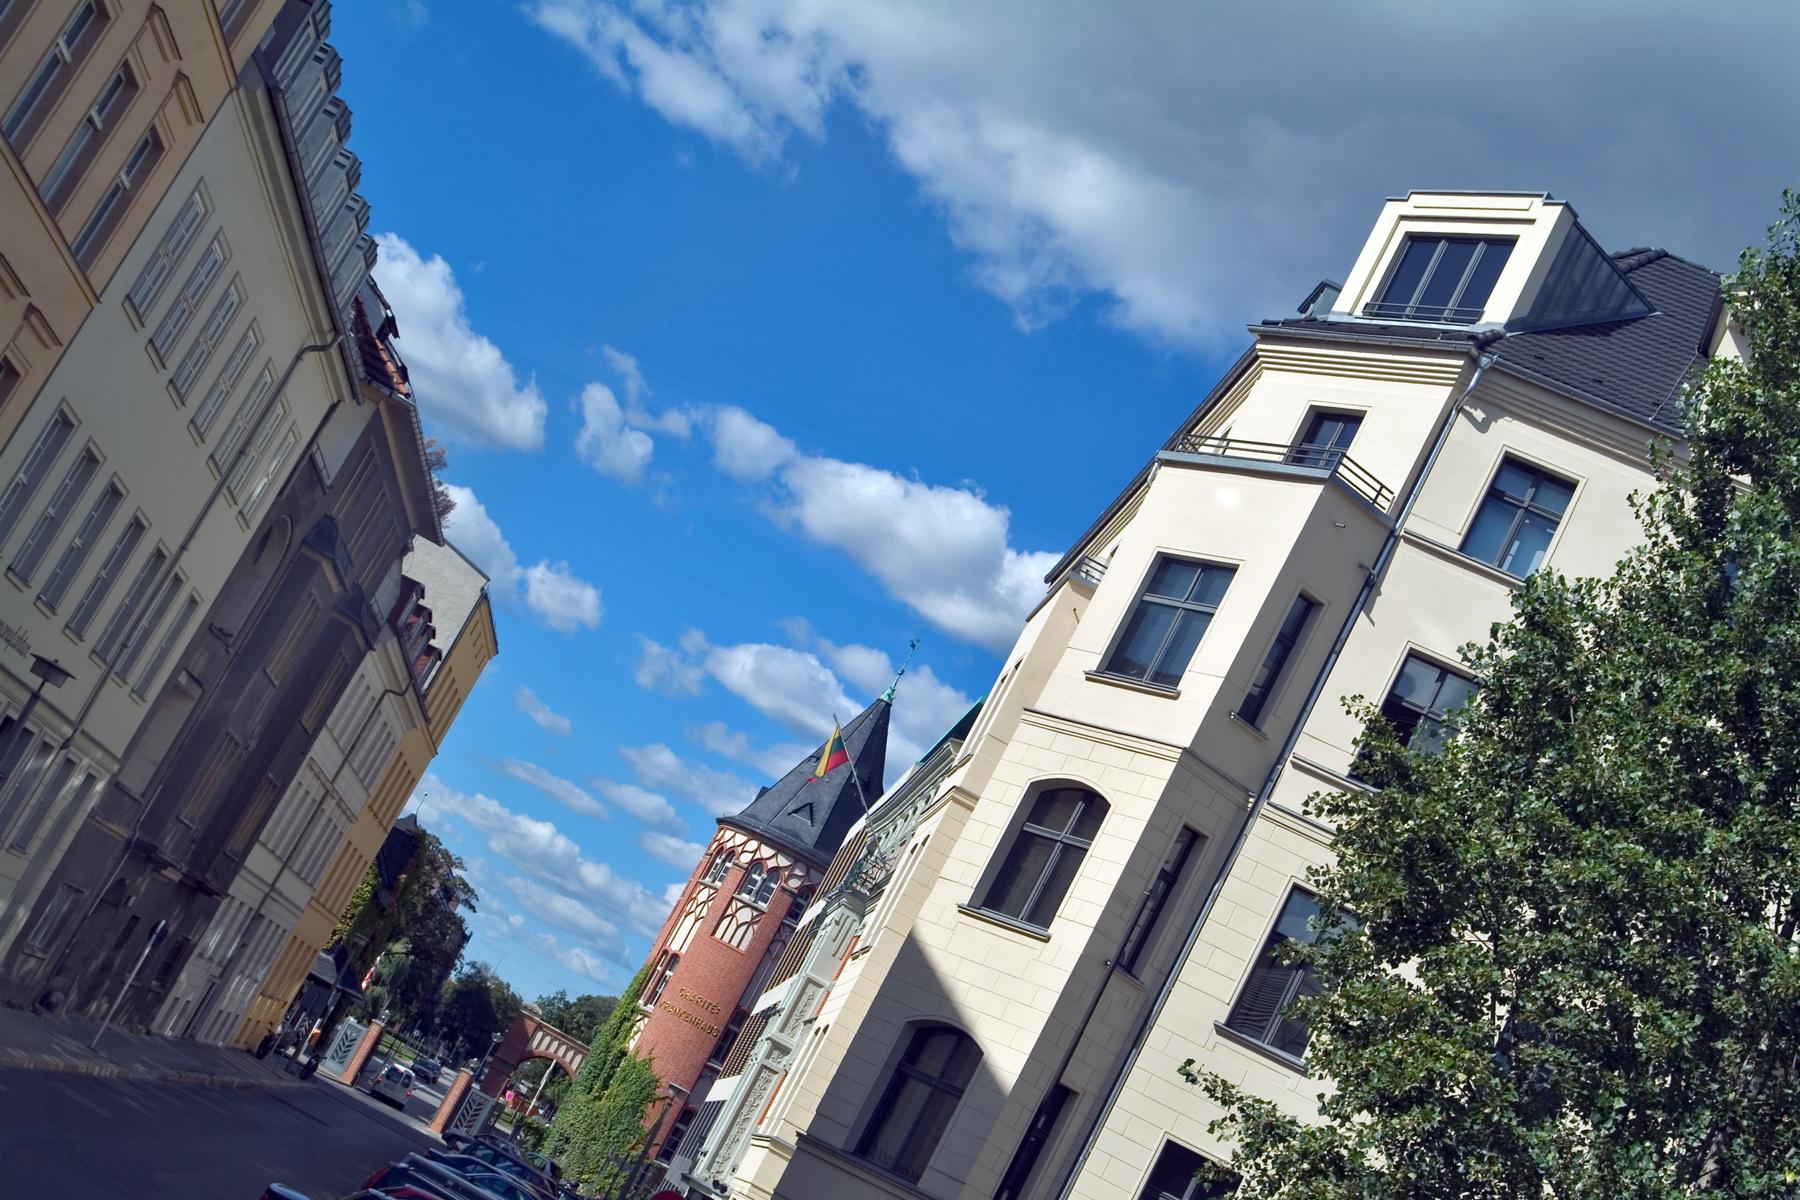 Hôpital de la Charité, Berlin, GETTY IMAGES